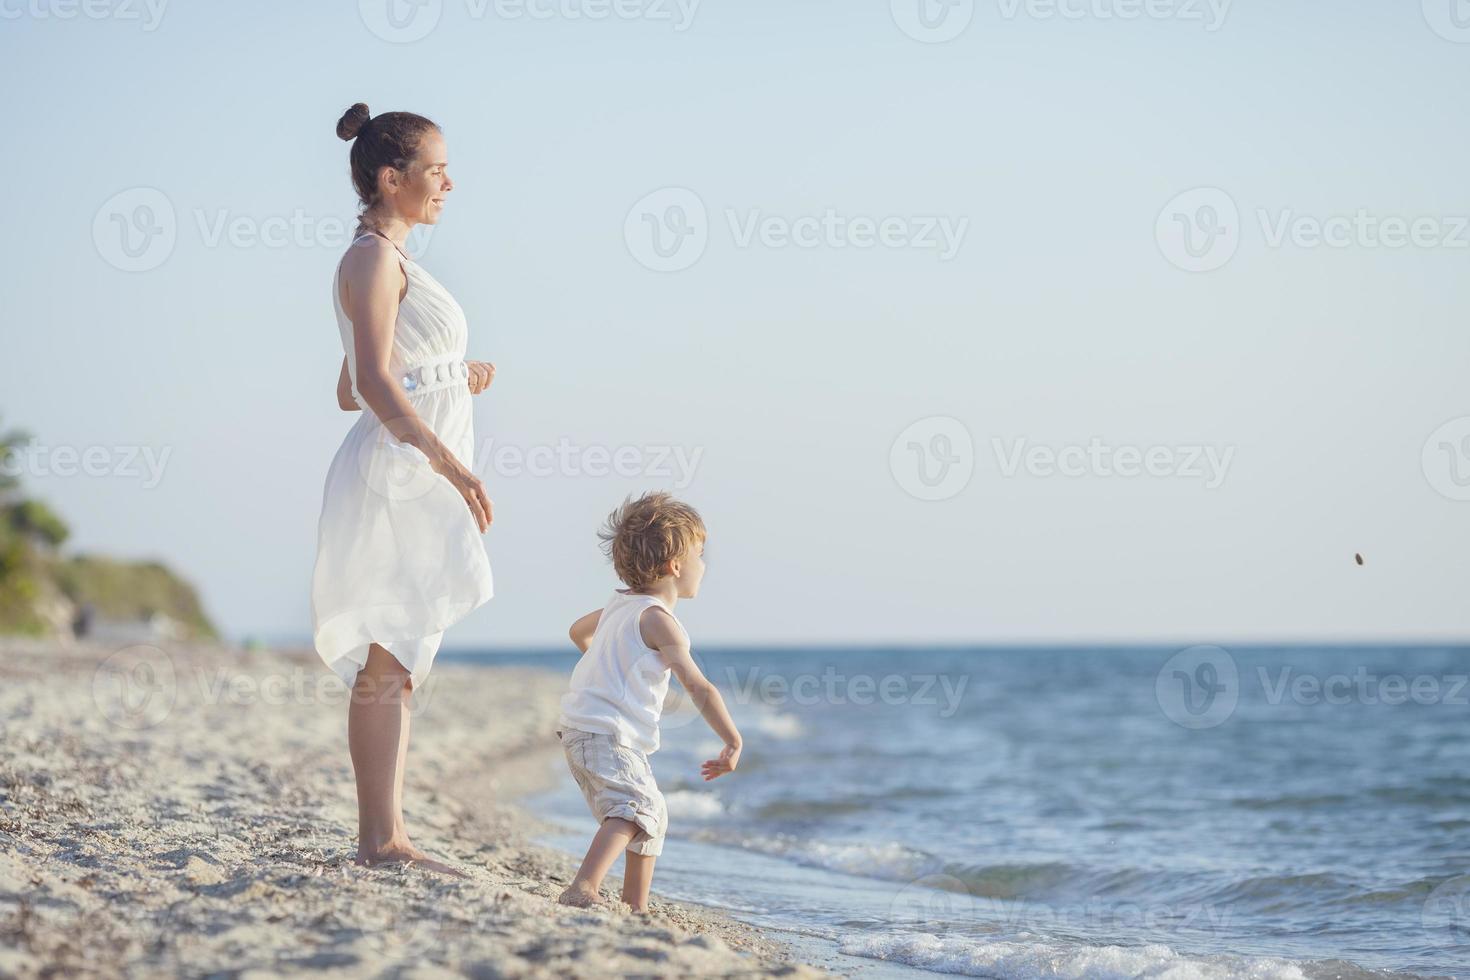 brincando com roçar pedras na praia foto